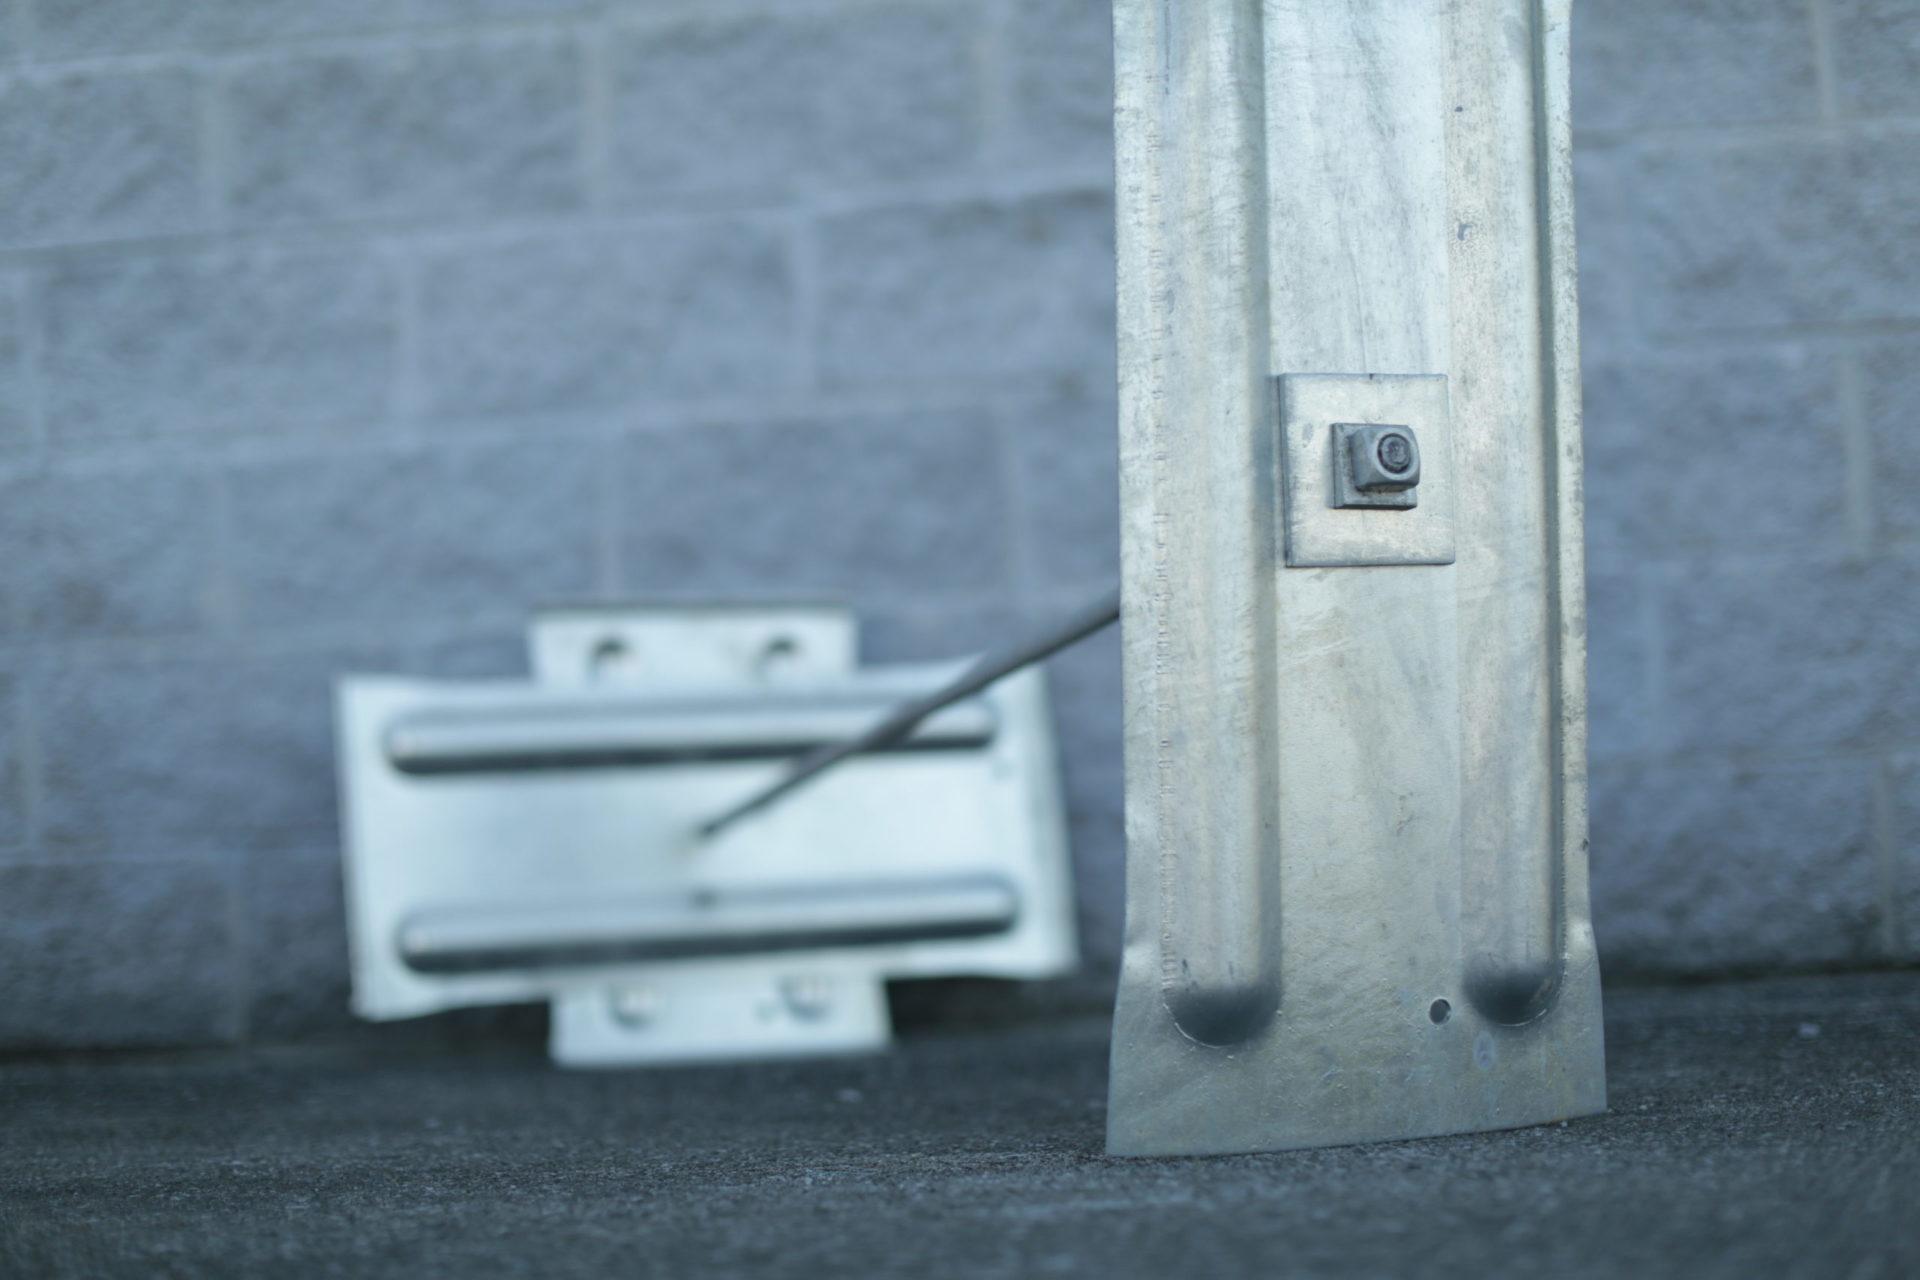 Wall Anchor Product Shot